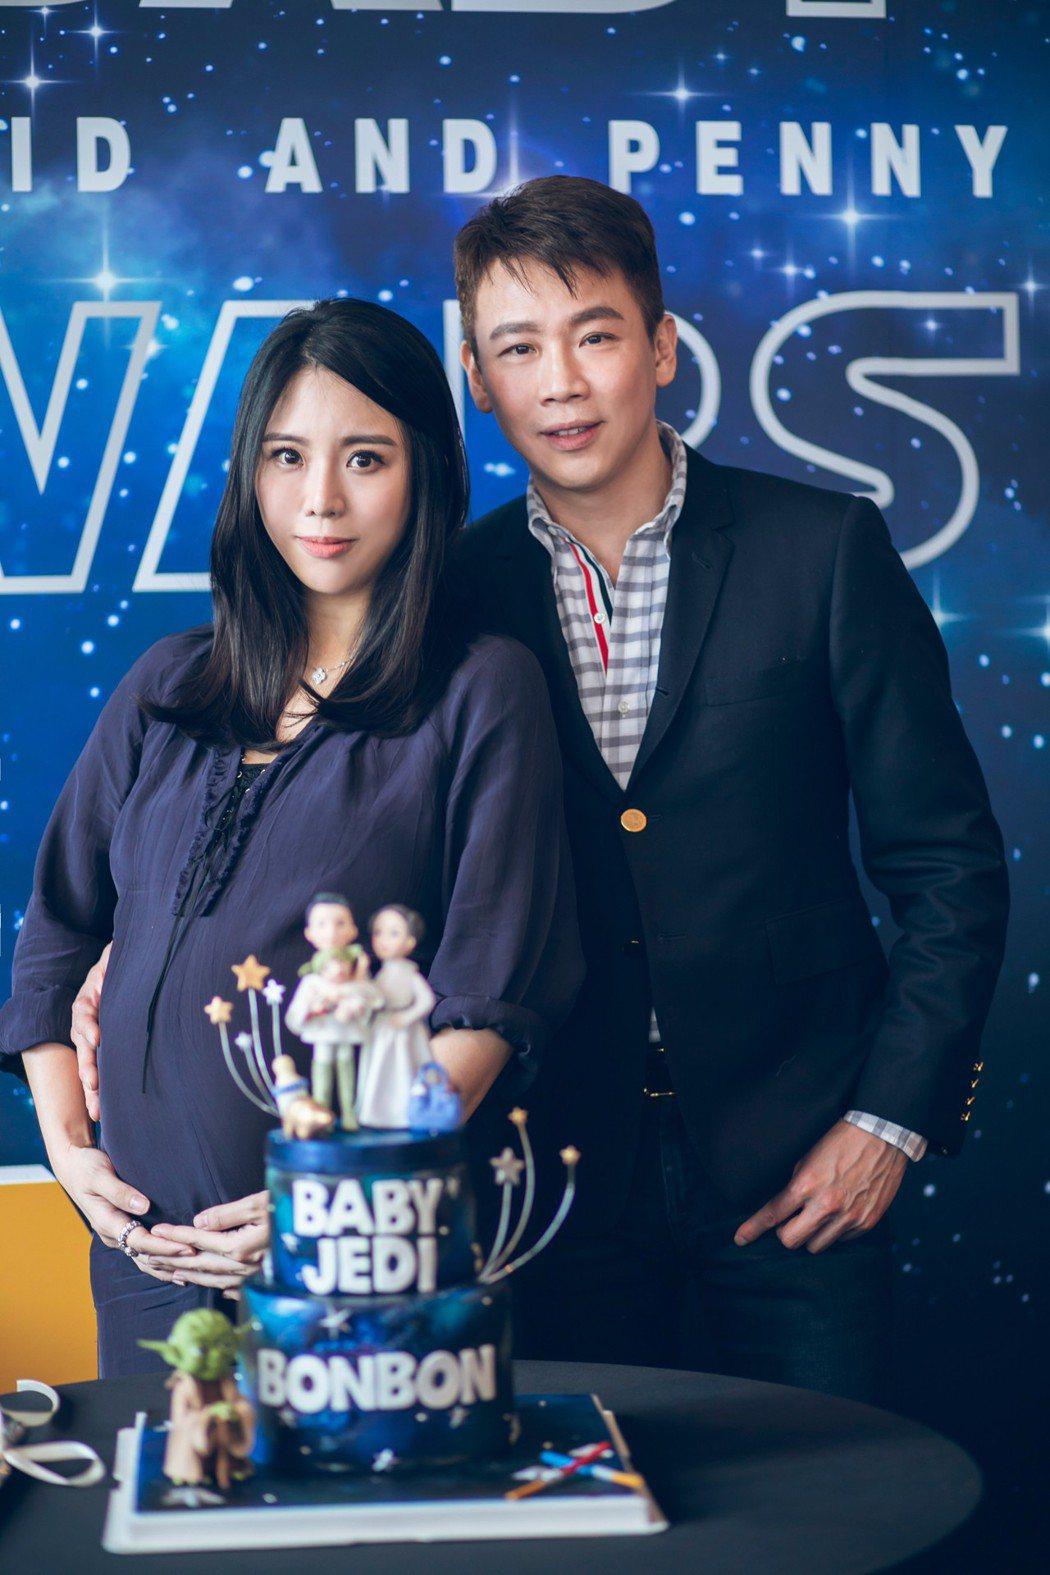 陶喆的老婆日前舉辦baby shower。圖/擷自臉書